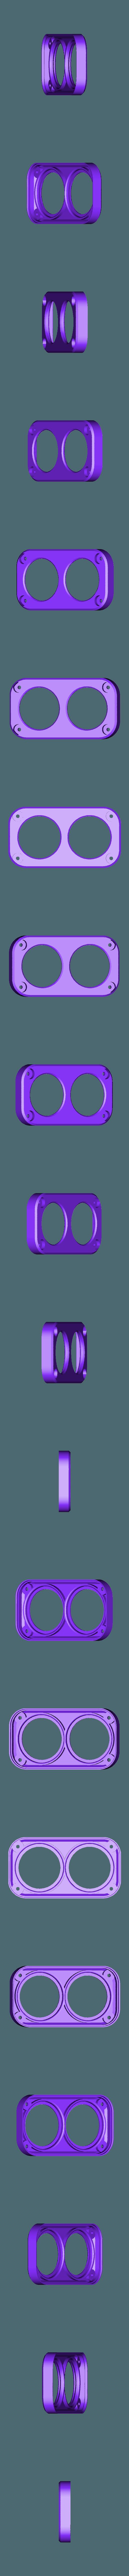 Front_Cover.stl Download free STL file Mini Bluetooth Speaker • 3D printer design, EugenioFructuoso